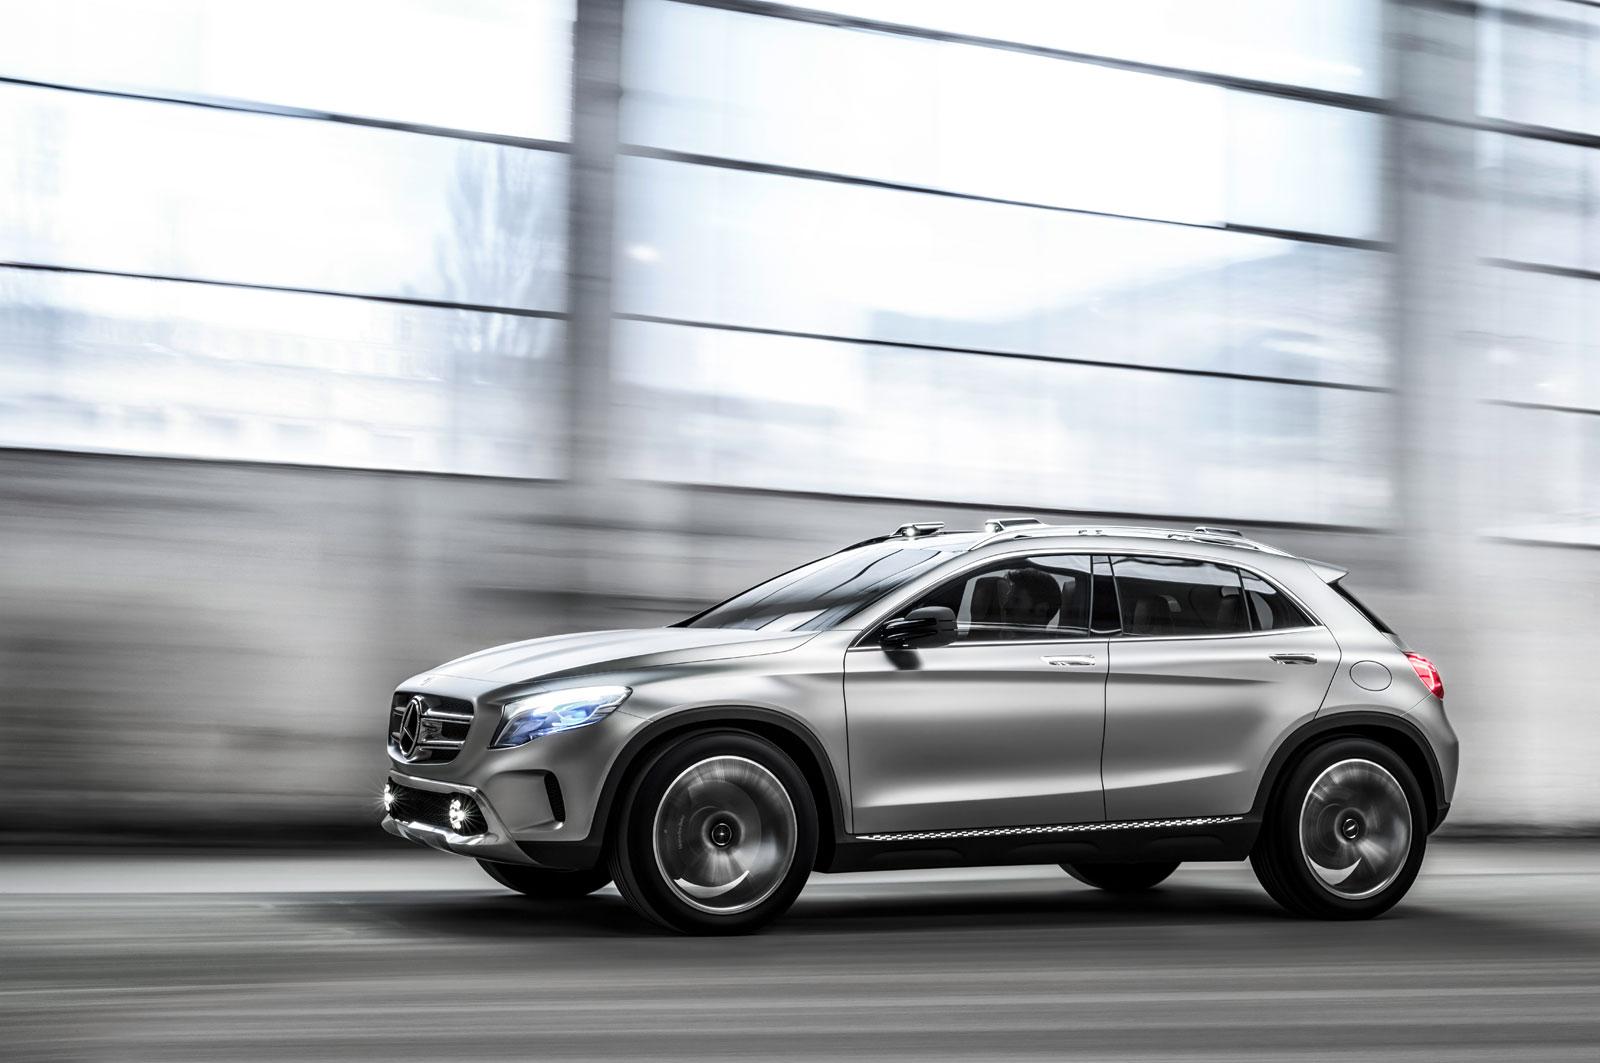 Mercedes Benz Concept Gla Car Body Design